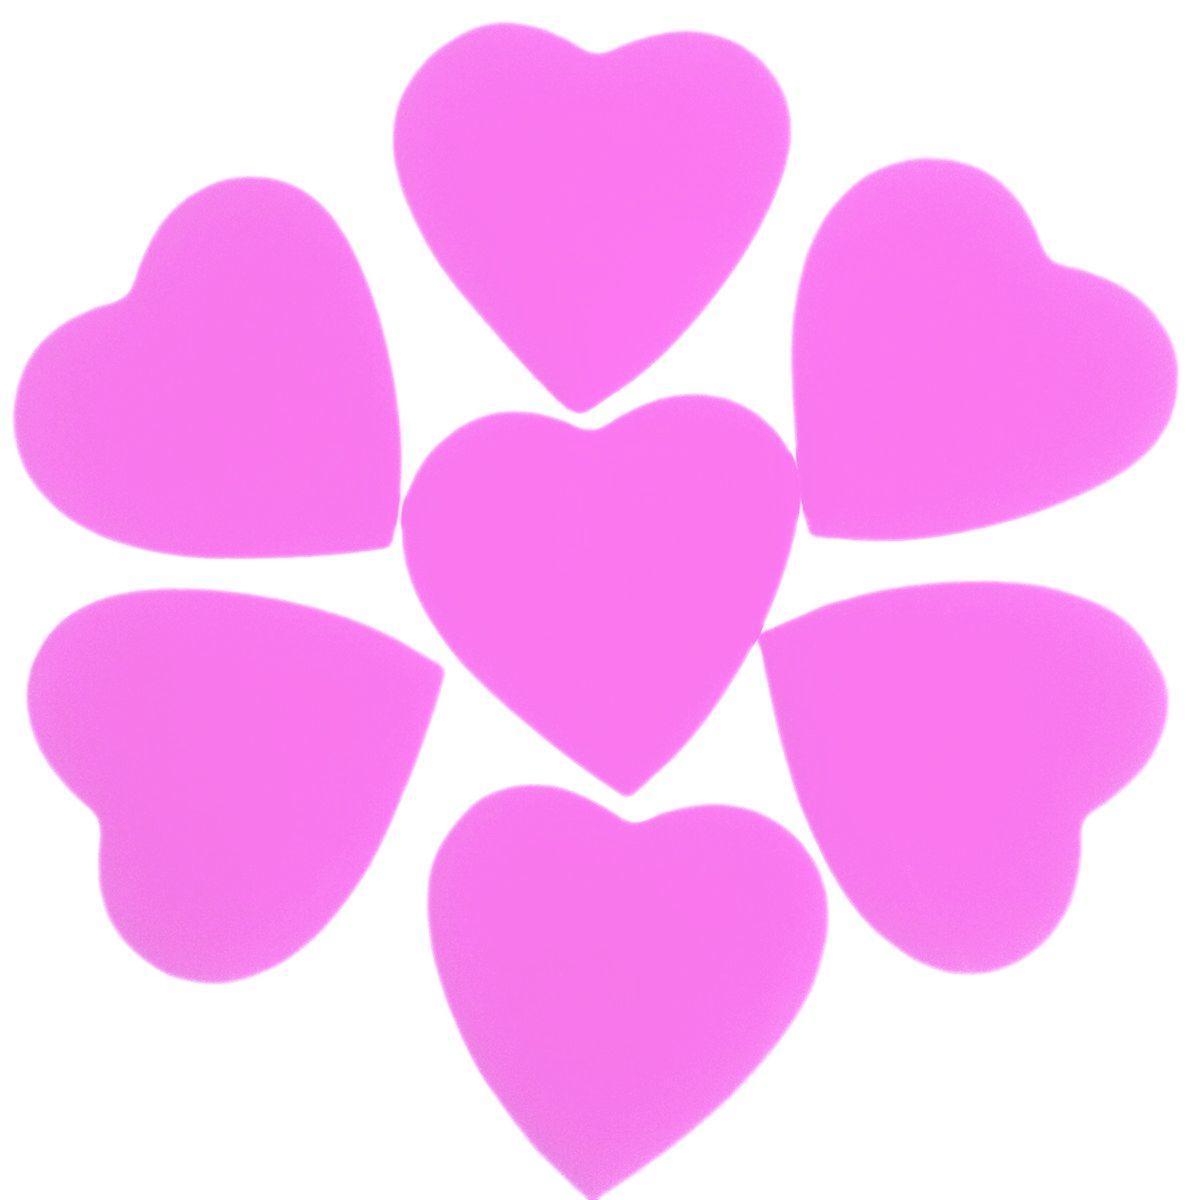 Конфетти сердце розовое, 50 г